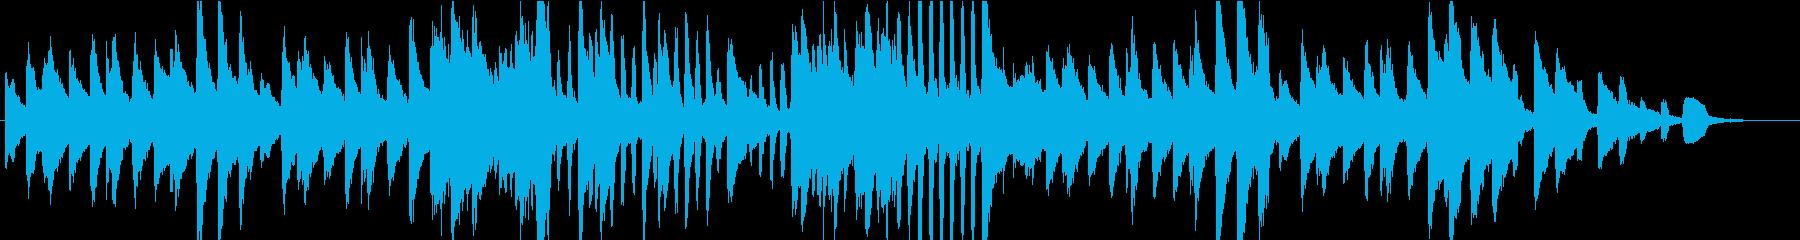 ピアノソロ・優雅な・軽やか・クラシック風の再生済みの波形